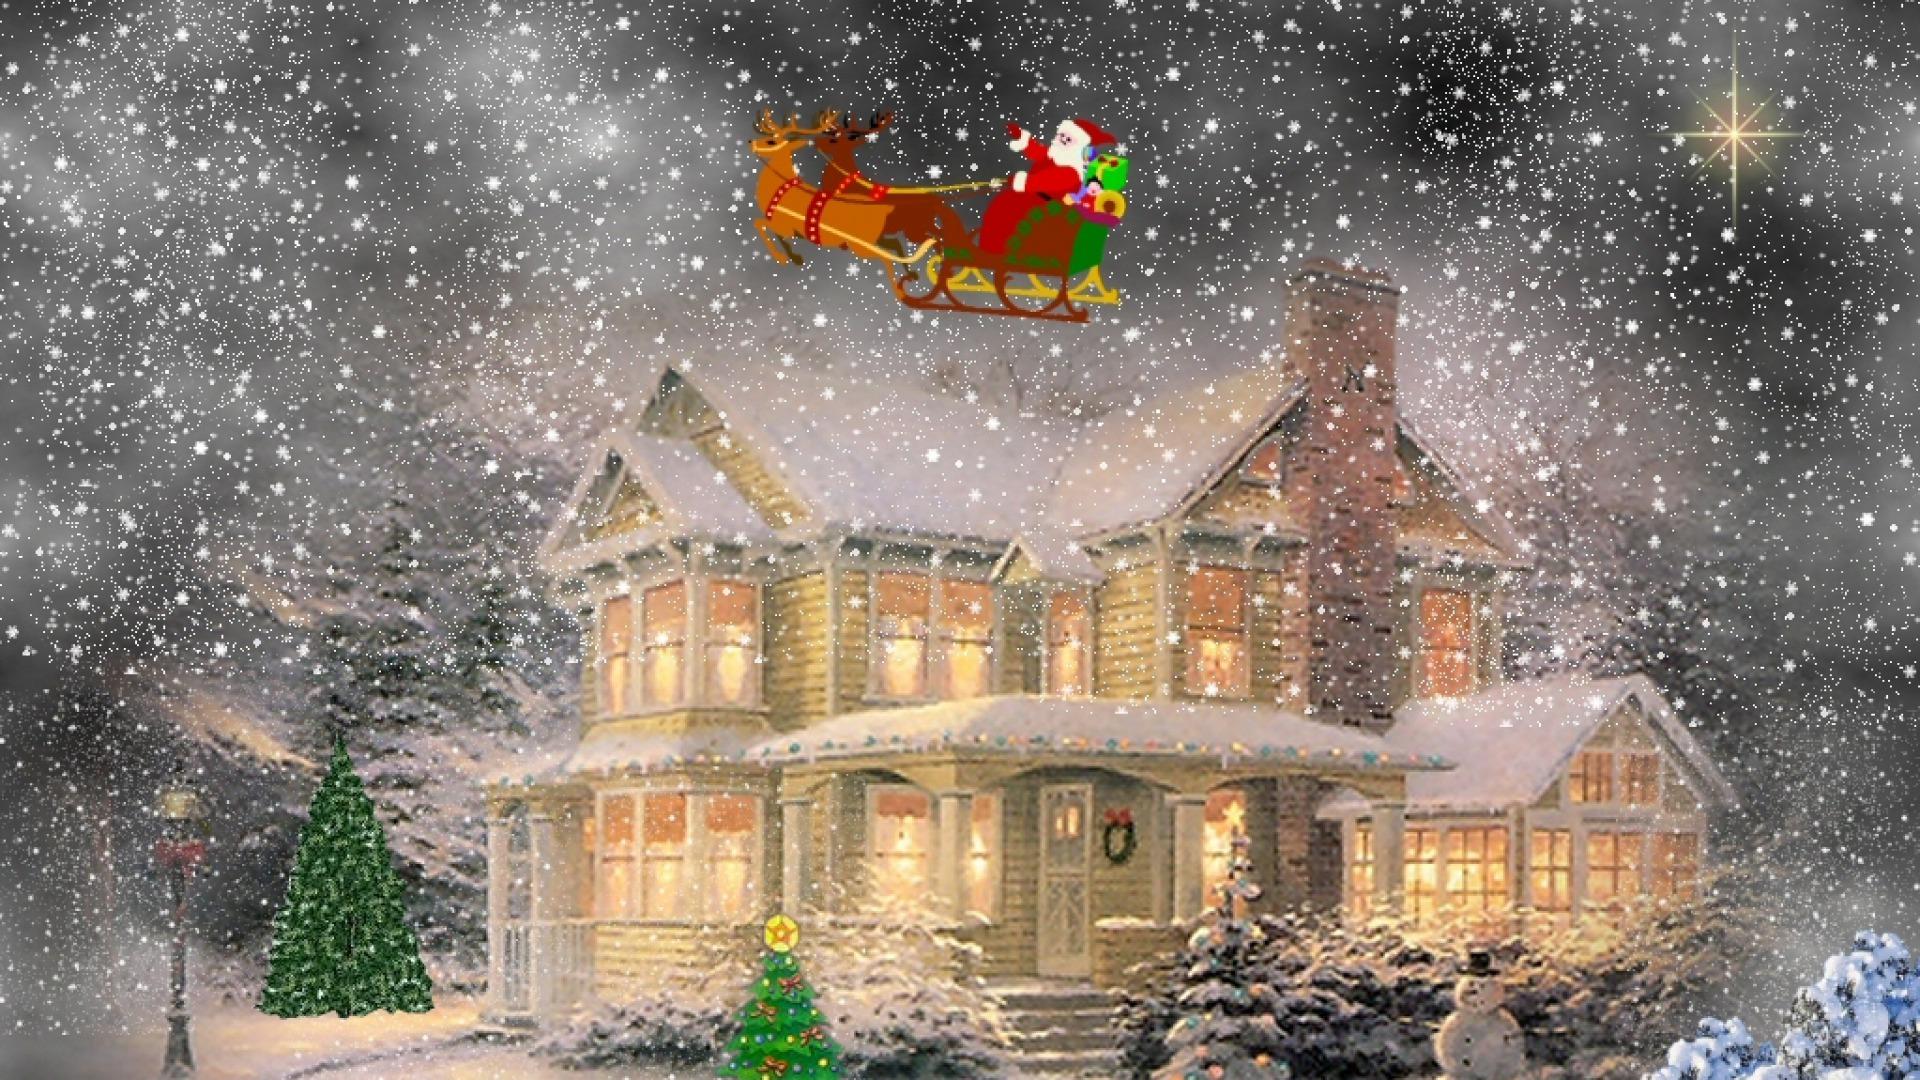 Bộ Sưu Tập Ảnh Giáng Sinh - Page 4 04549